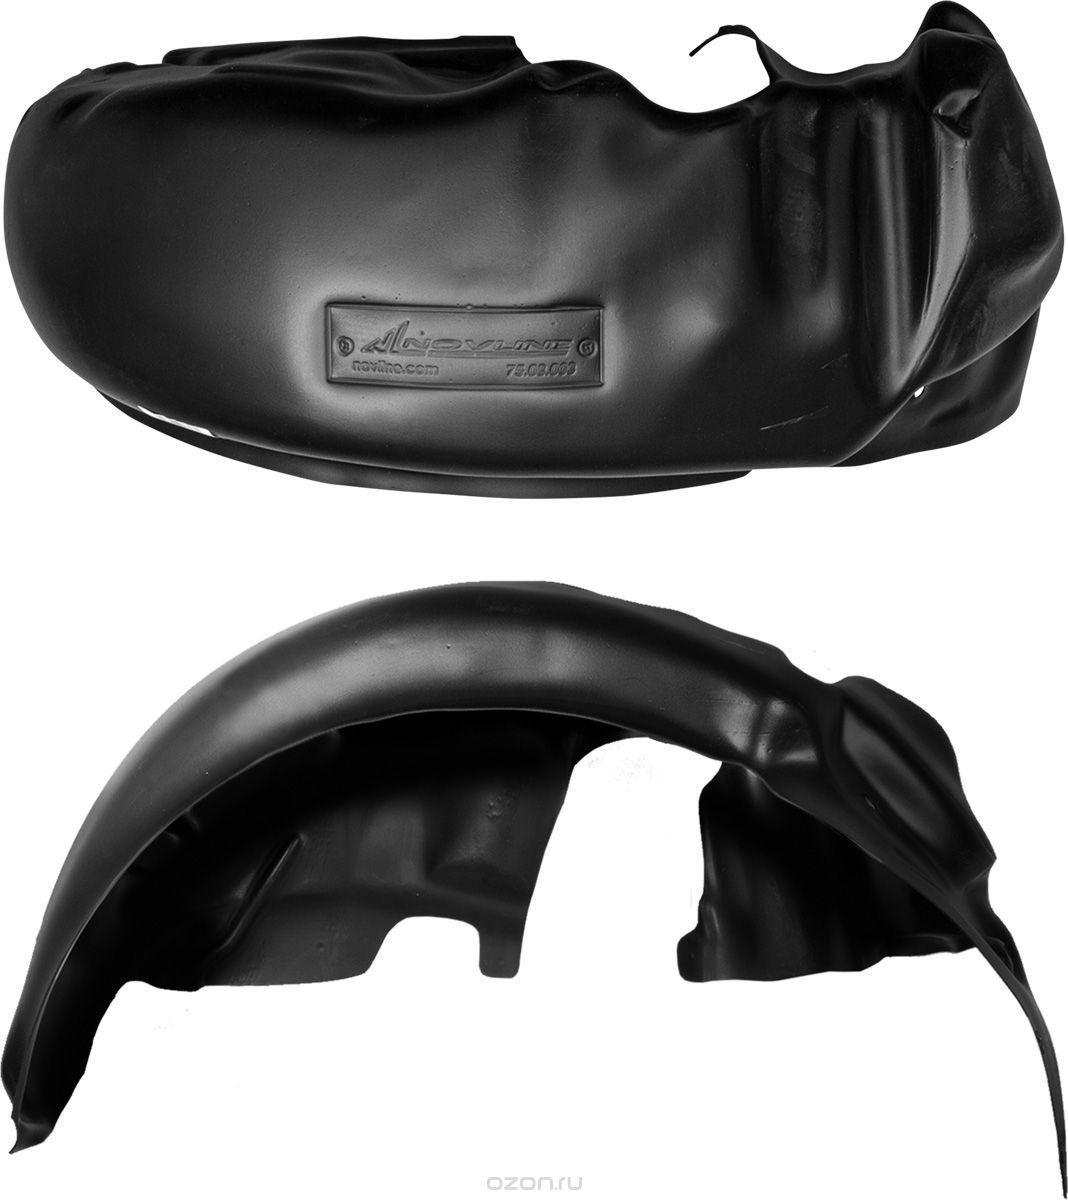 Подкрылок Novline-Autofamily, для Nissan Pathfinder, 2014->, задний левыйNLL.36.51.003Идеальная защита колесной ниши. Локеры разработаны с применением цифровых технологий, гарантируют максимальную повторяемость поверхности арки. Изделия устанавливаются без нарушения лакокрасочного покрытия автомобиля, каждый подкрылок комплектуется крепежом. Уважаемые клиенты, обращаем ваше внимание, что фотографии на подкрылки универсальные и не отражают реальную форму изделия. При этом само изделие идет точно под размер указанного автомобиля.